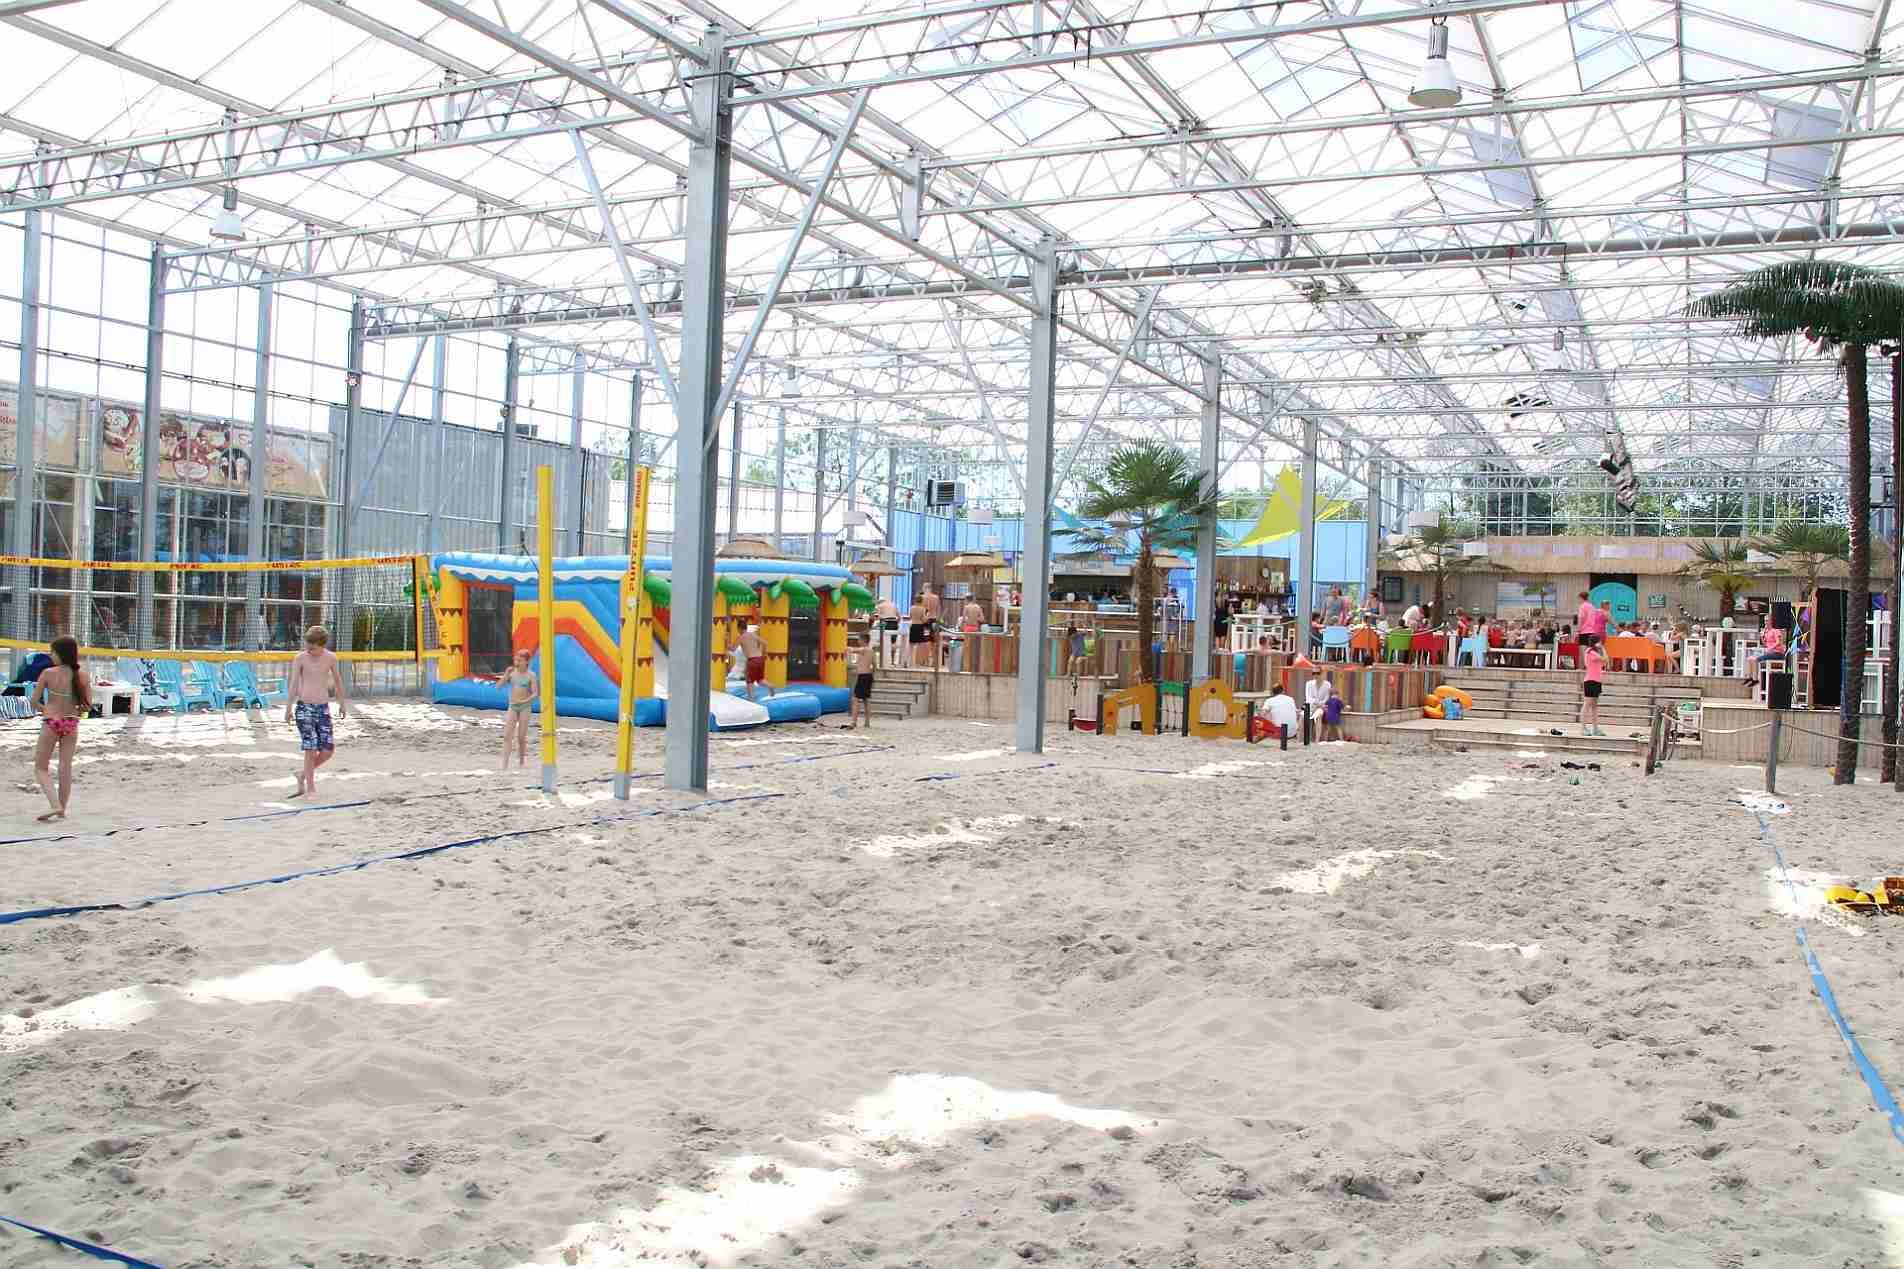 Außergewöhnlicher Urlaub mit Indoor-Strand in Holland - Indoorstrand in holland